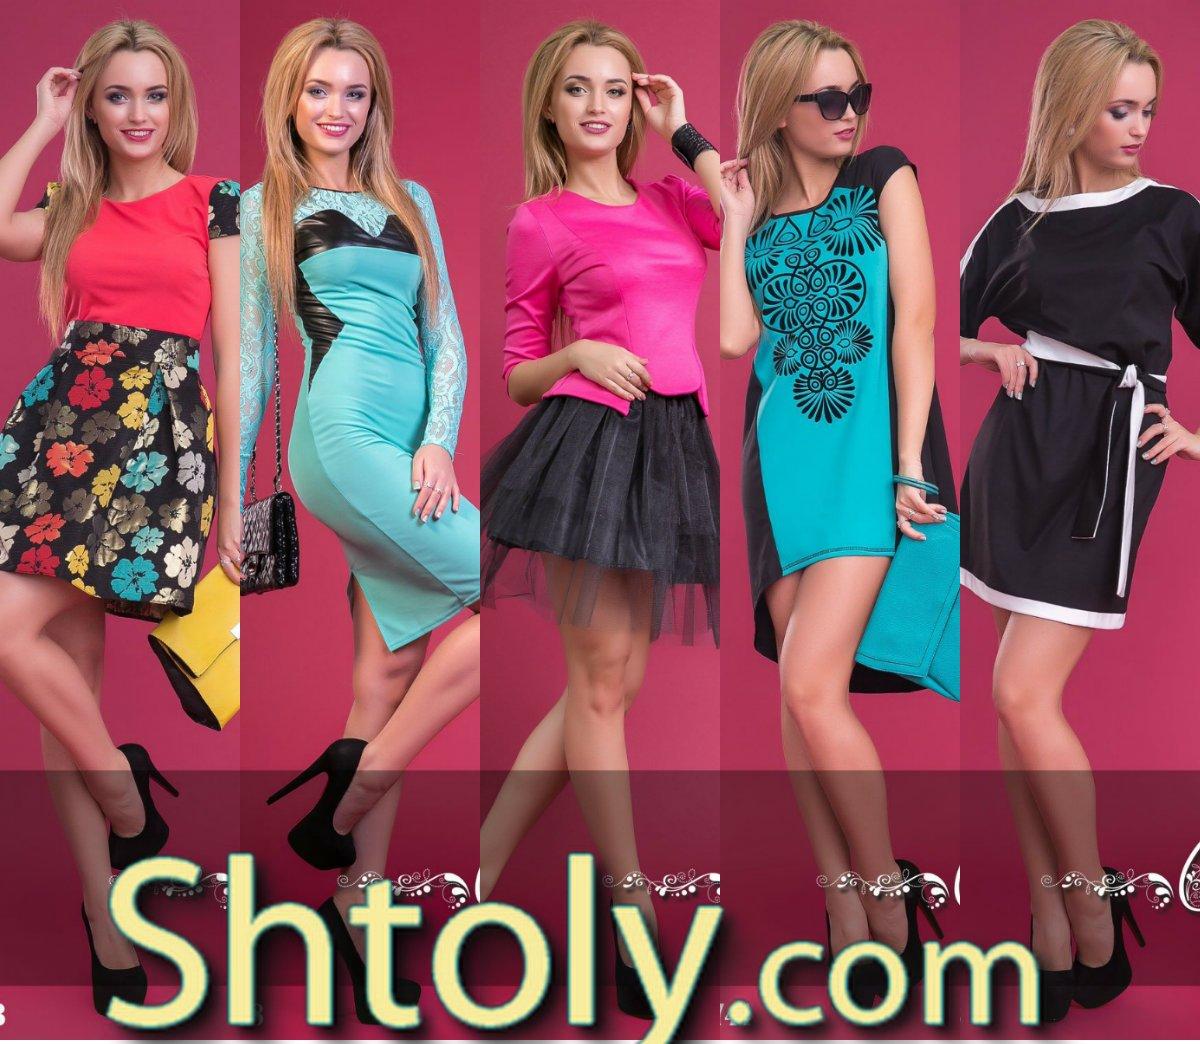 Shtoly-женская одежда оптом. Организаторы давайте сотрудничать! 5a5e506fe27afe2b1660ec1a754a32ee